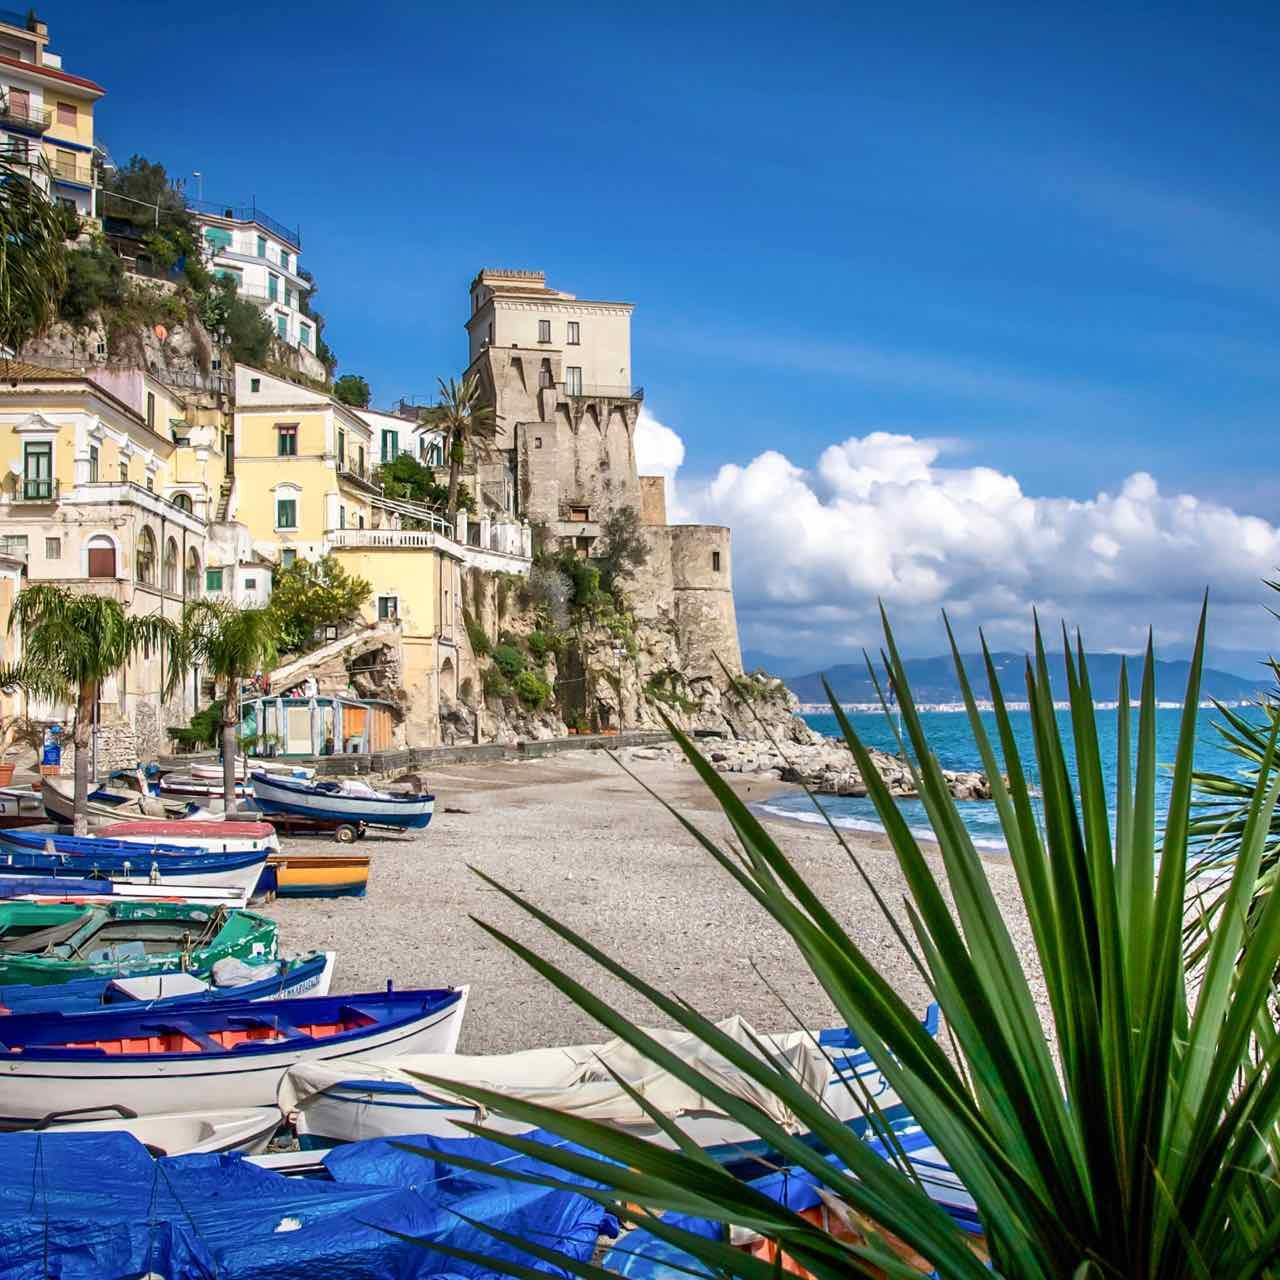 Cetara – costiera amalfitana – spiaggia mare barche – Gustorotondo – spesa online – Artigianalità italiana, per un mondo più sostenibile – vendita online dei migliori cibi italiani artigianali